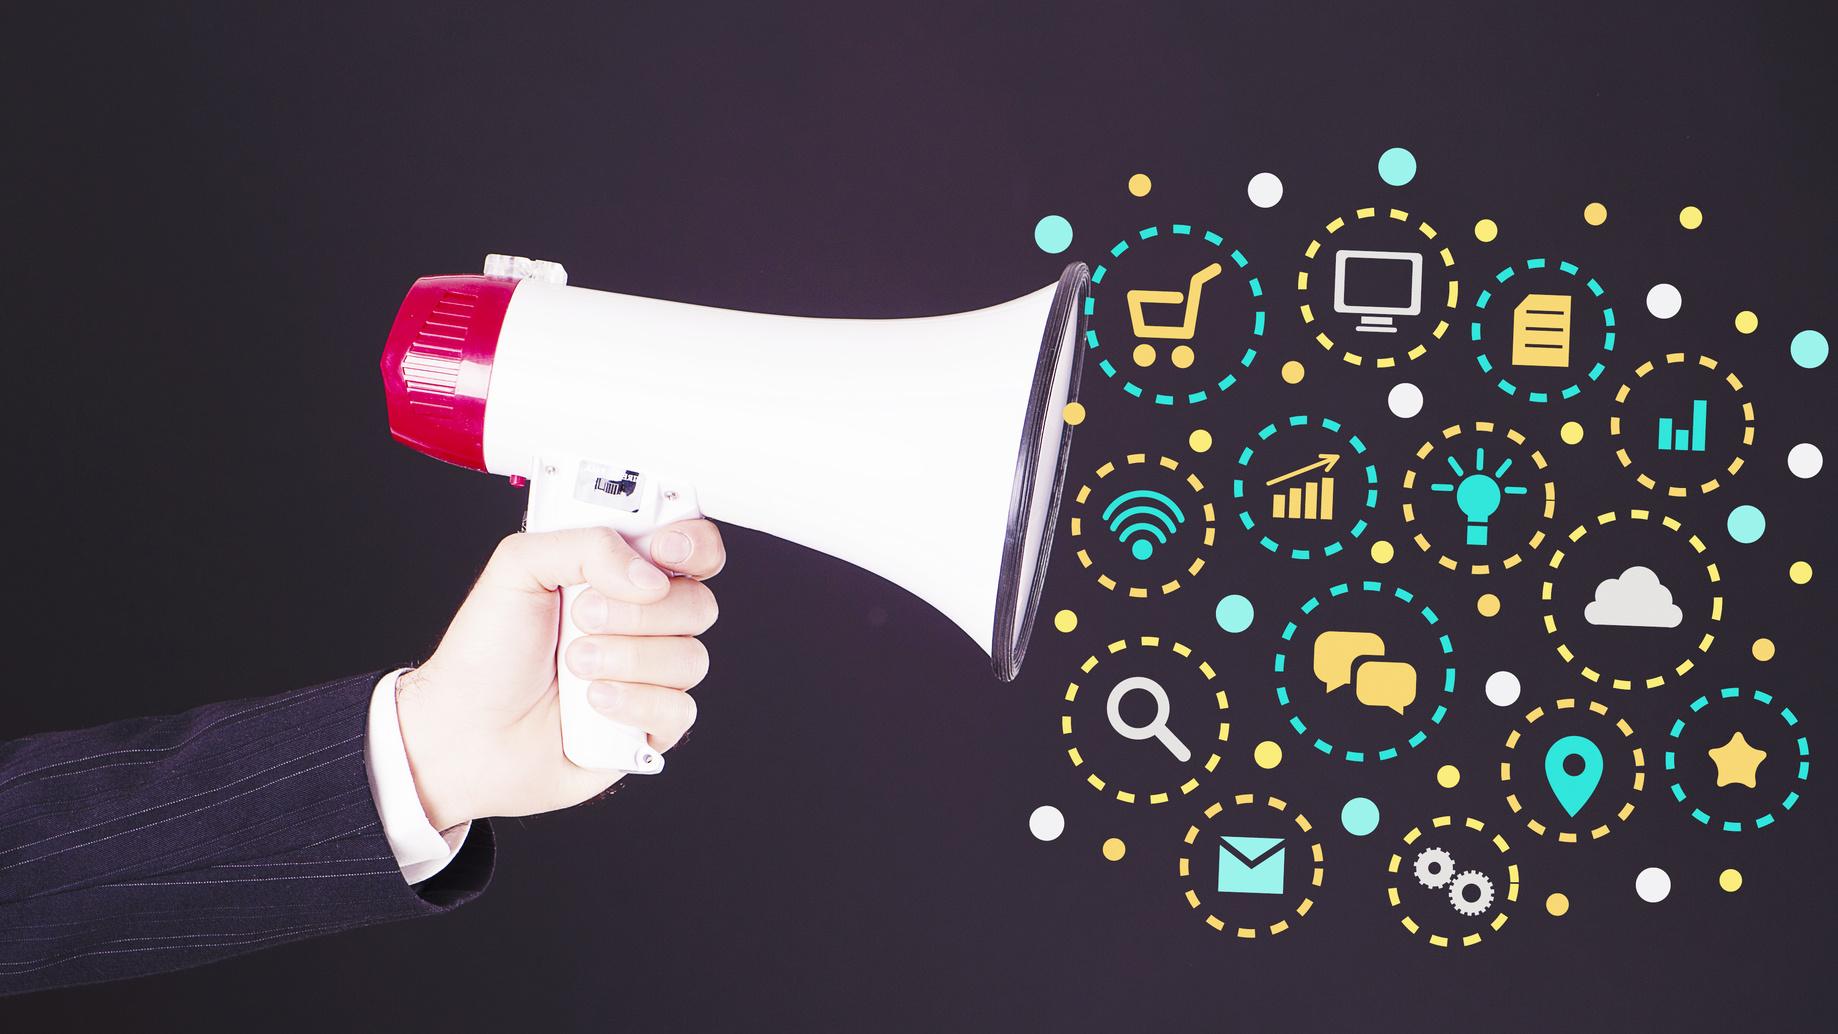 La stratégie digitale, comment débuter ?